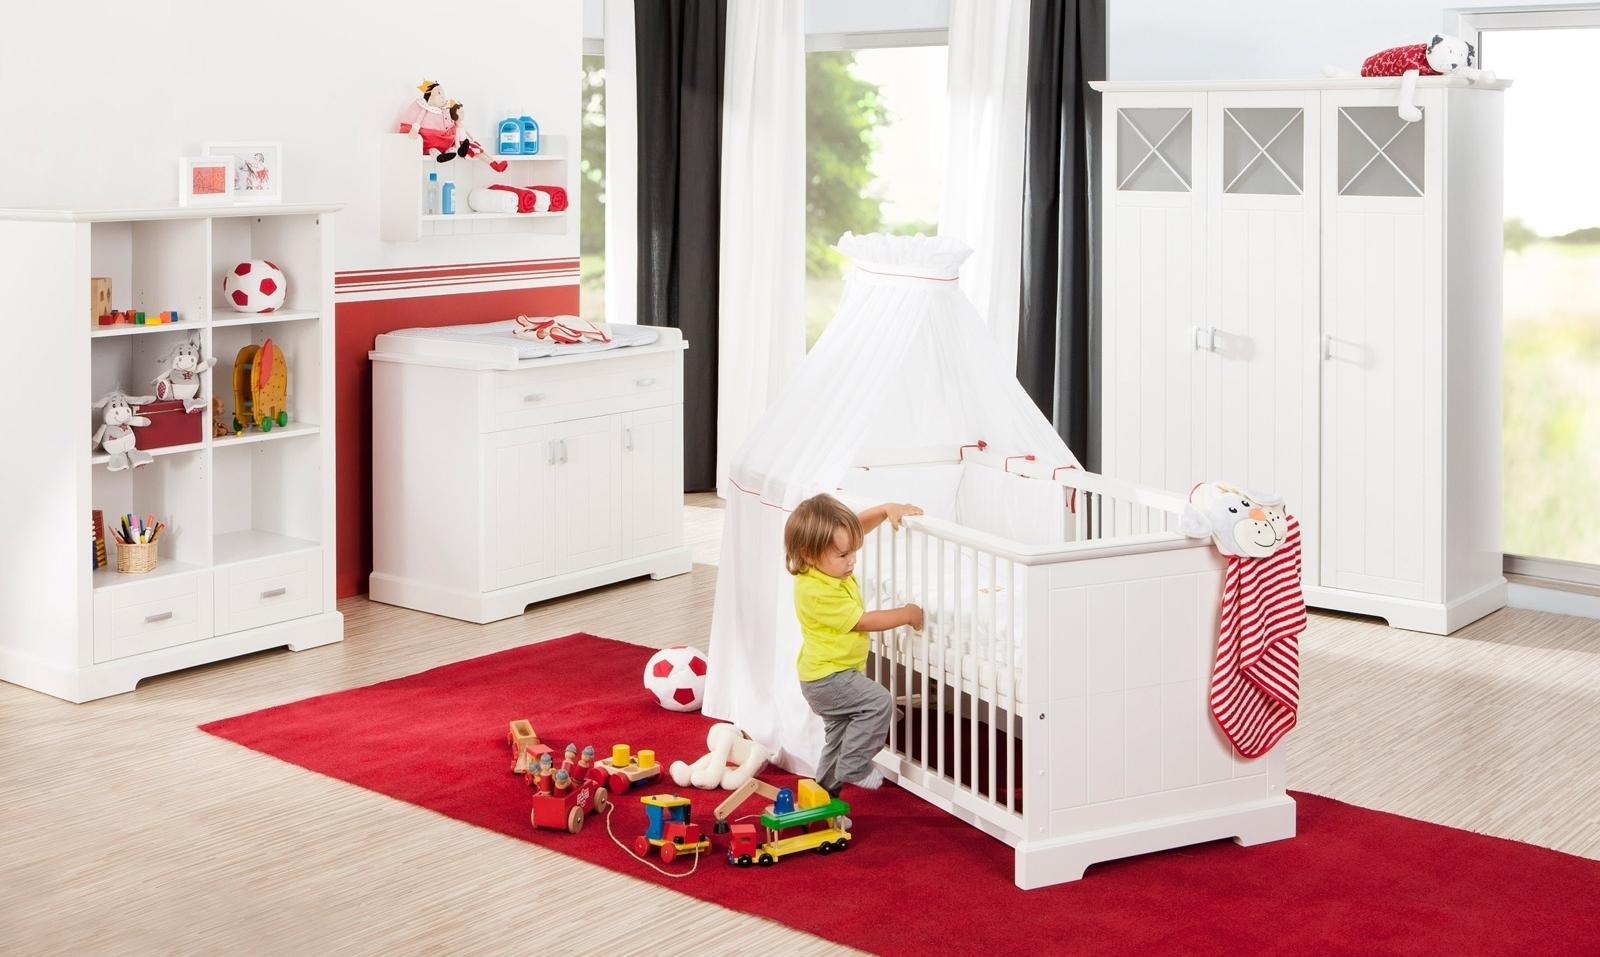 Chambre bébé complète lit et armoire cassini geuther   lestendances.fr